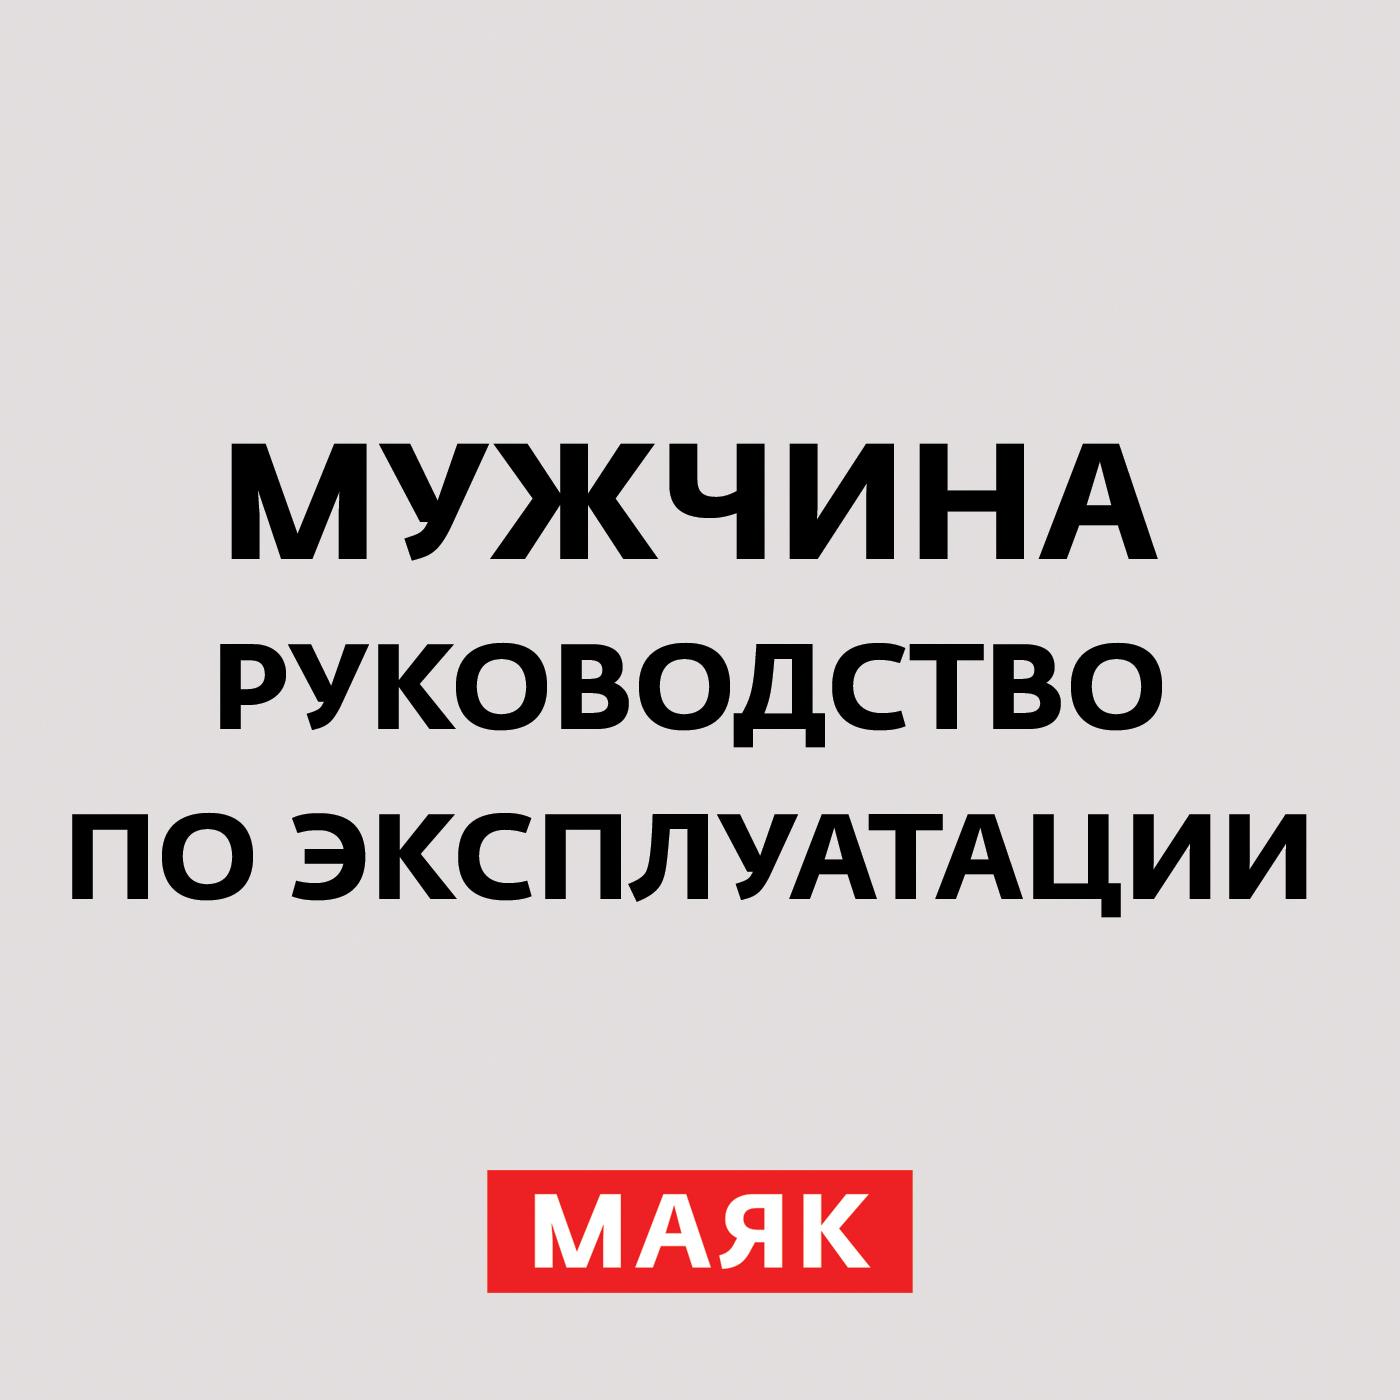 Творческий коллектив шоу «Сергей Стиллавин и его друзья» Как правильно просить прощения и прощать? великая мудрость прощения как освободить подсознание от негатива